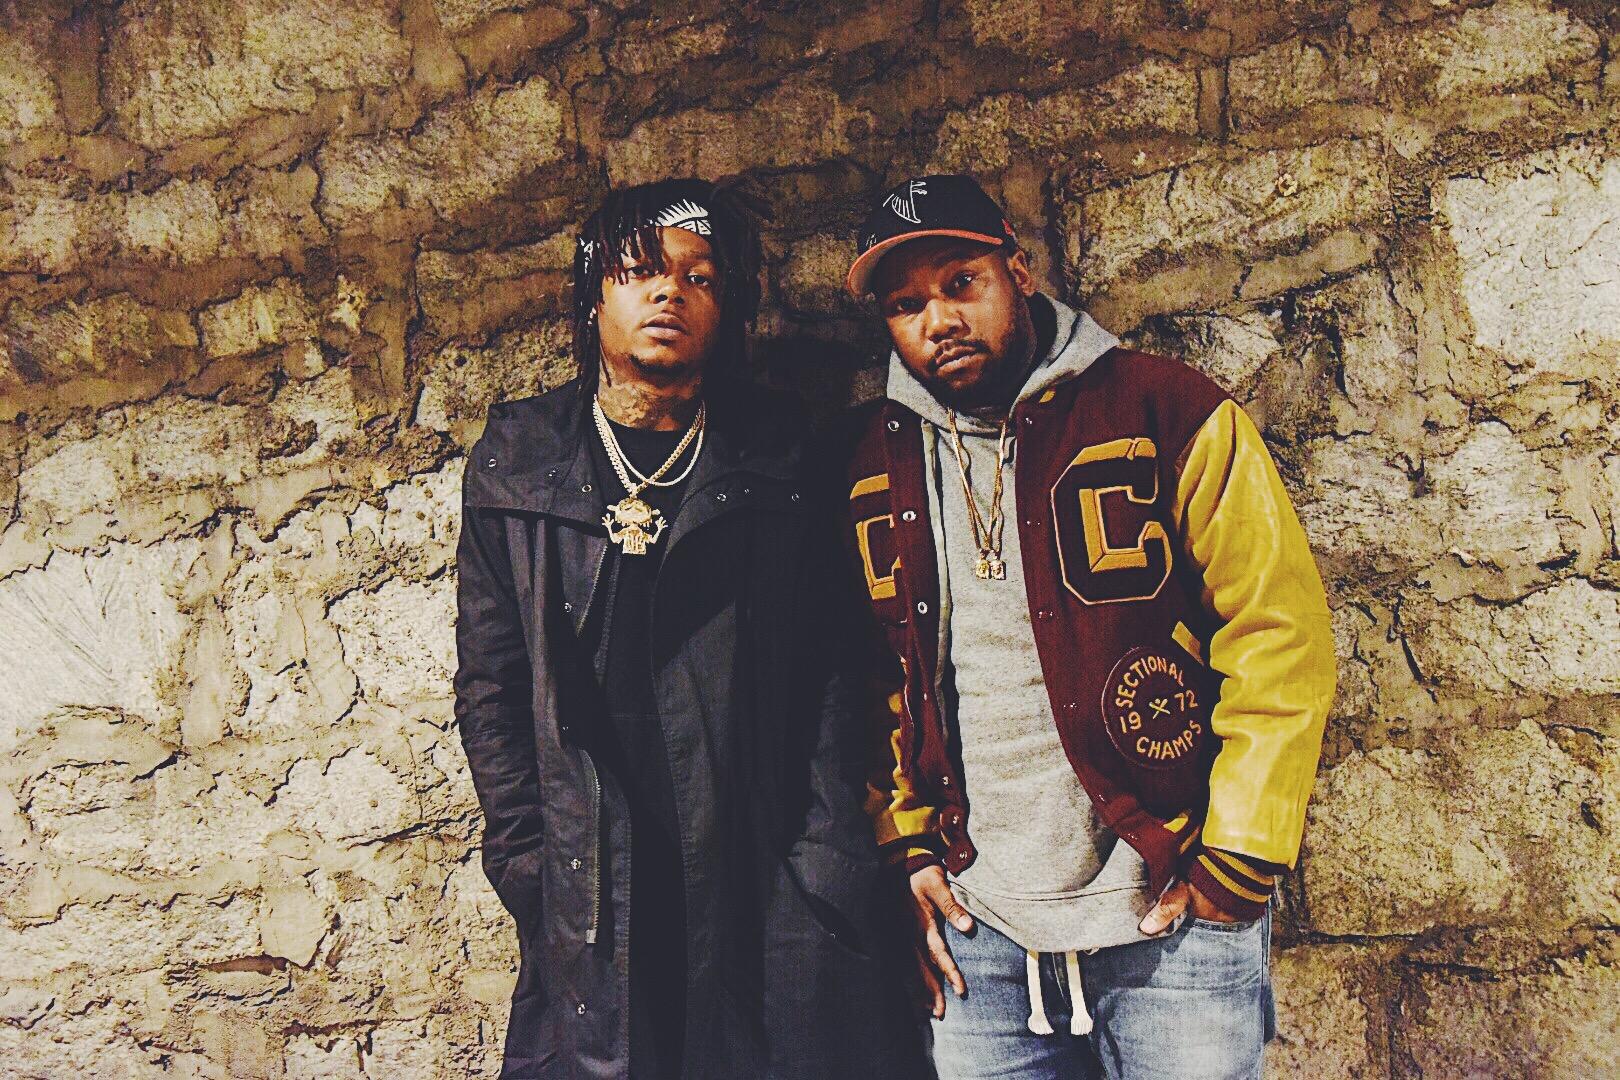 J.I.D and Jah